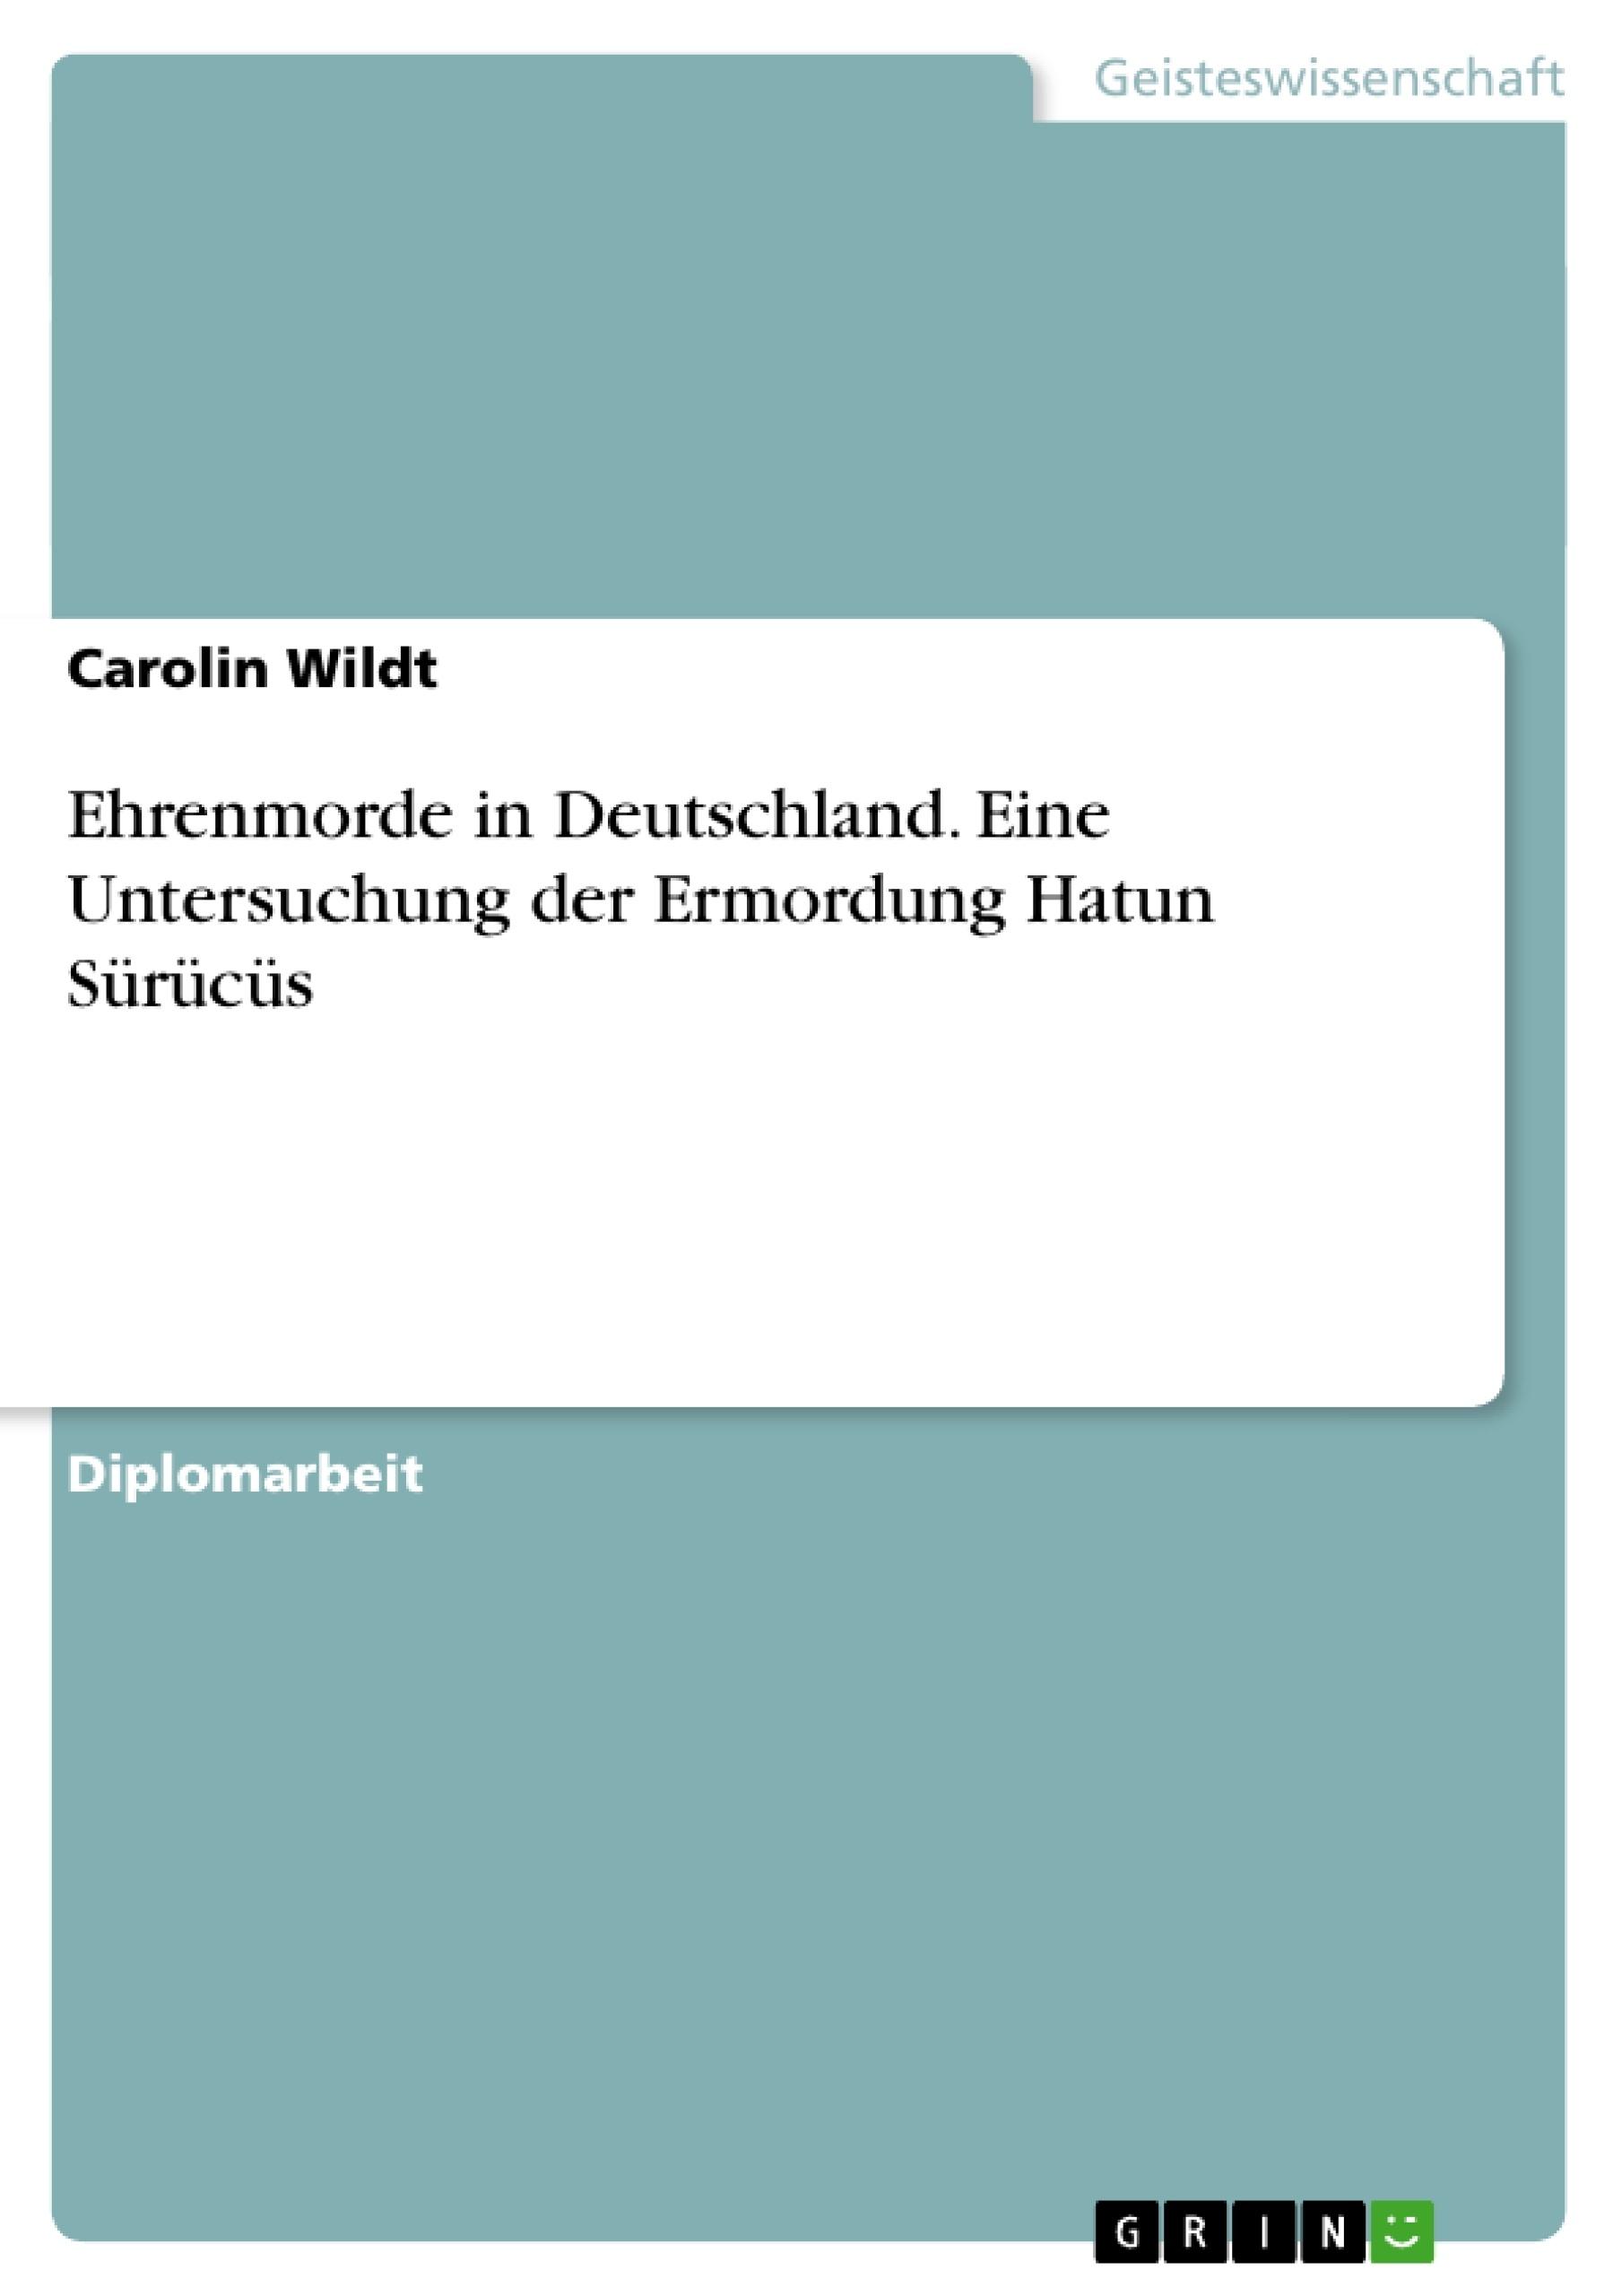 Titel: Ehrenmorde in Deutschland. Eine Untersuchung der Ermordung Hatun Sürücüs